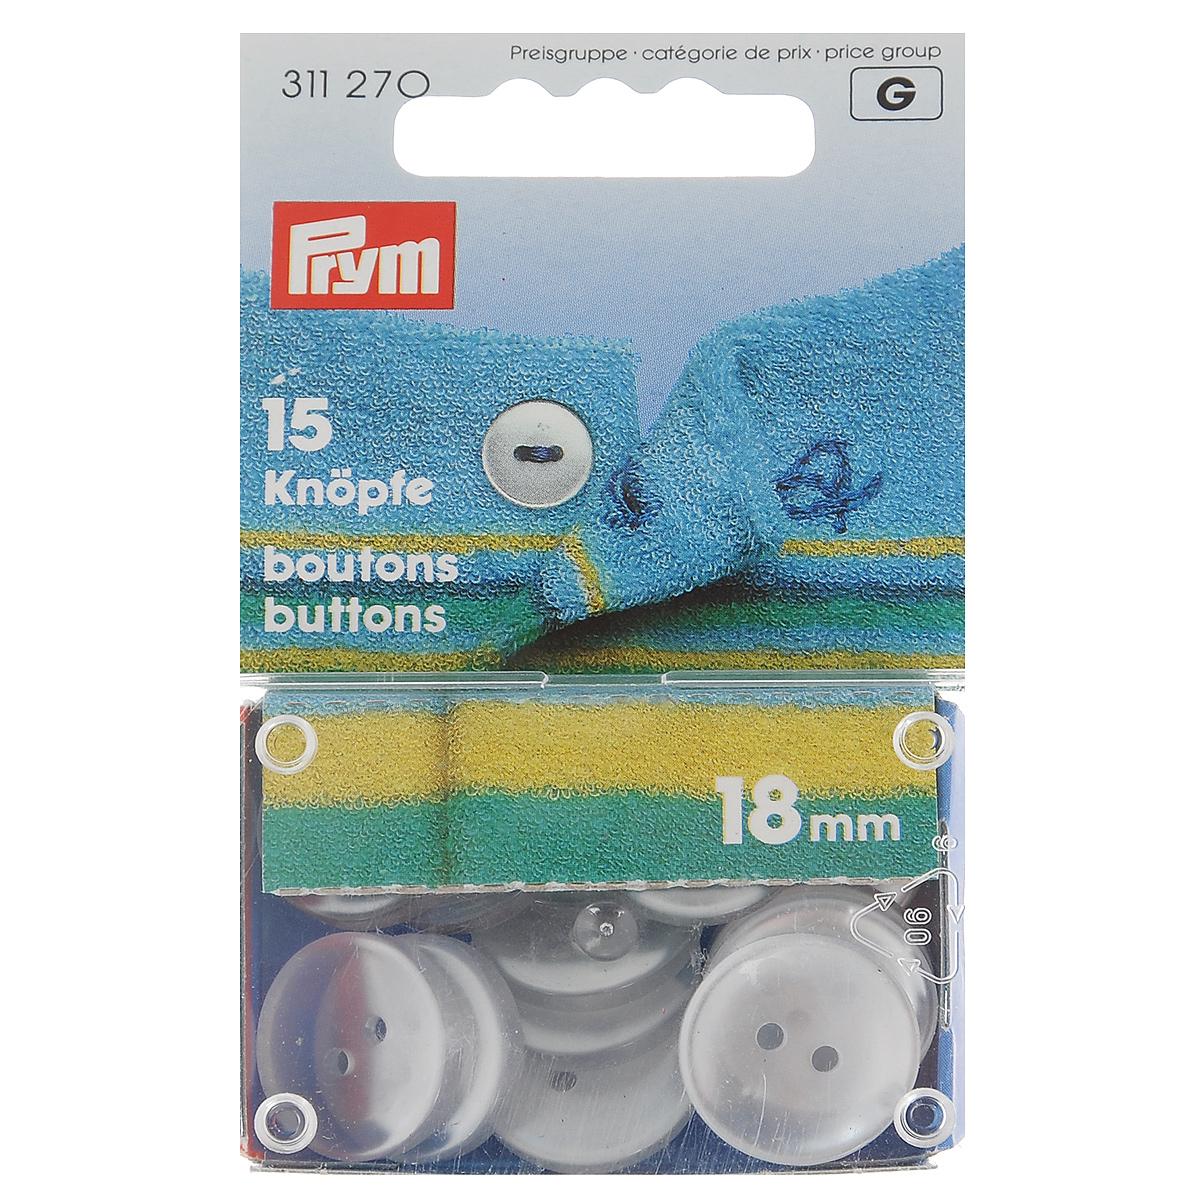 Пуговицы для халатов и пижам Prym, цвет: перламутровый, 18 мм, 15 шт311270Однотонные пуговицы Prym изготовлены из пластика и предназначены для халатов и пижам. Изделия оснащены двумя отверстиями для пришивания к ткани. В наборе - 15 пуговиц диаметром 18 мм. Диаметр пуговиц: 18 мм.